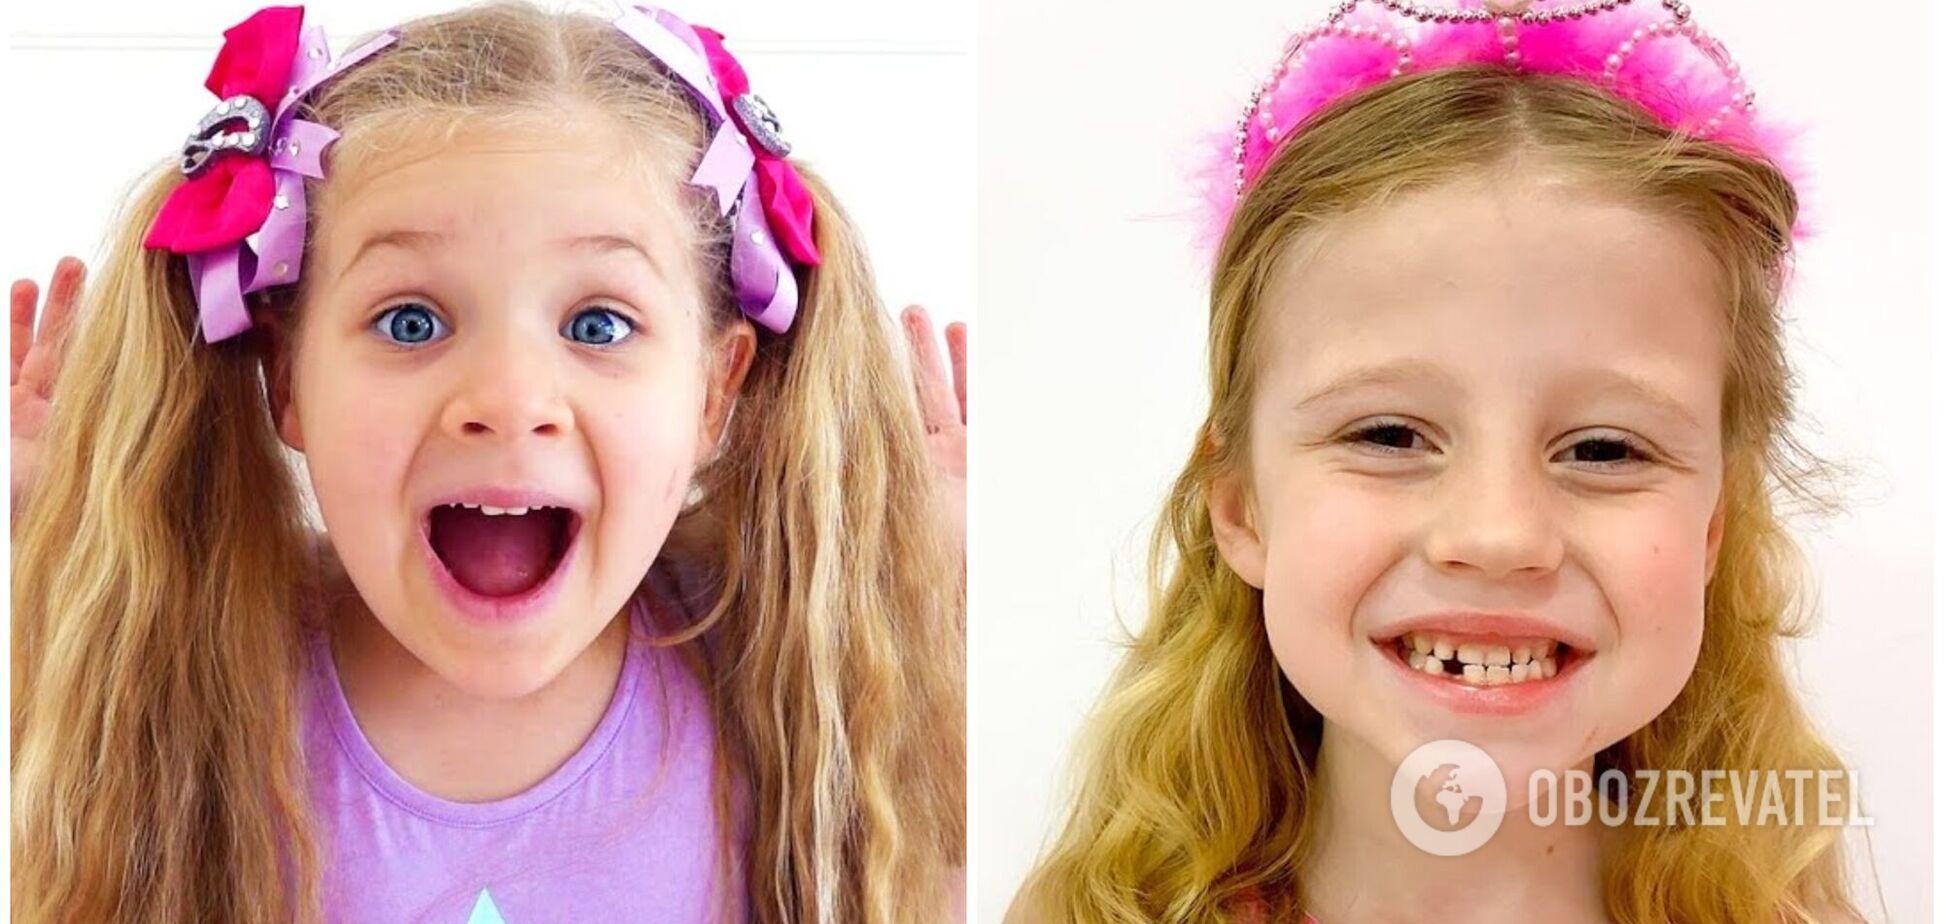 Топ-5 самых богатых и известных детей-блогеров, которым нет и 10 лет. Видео